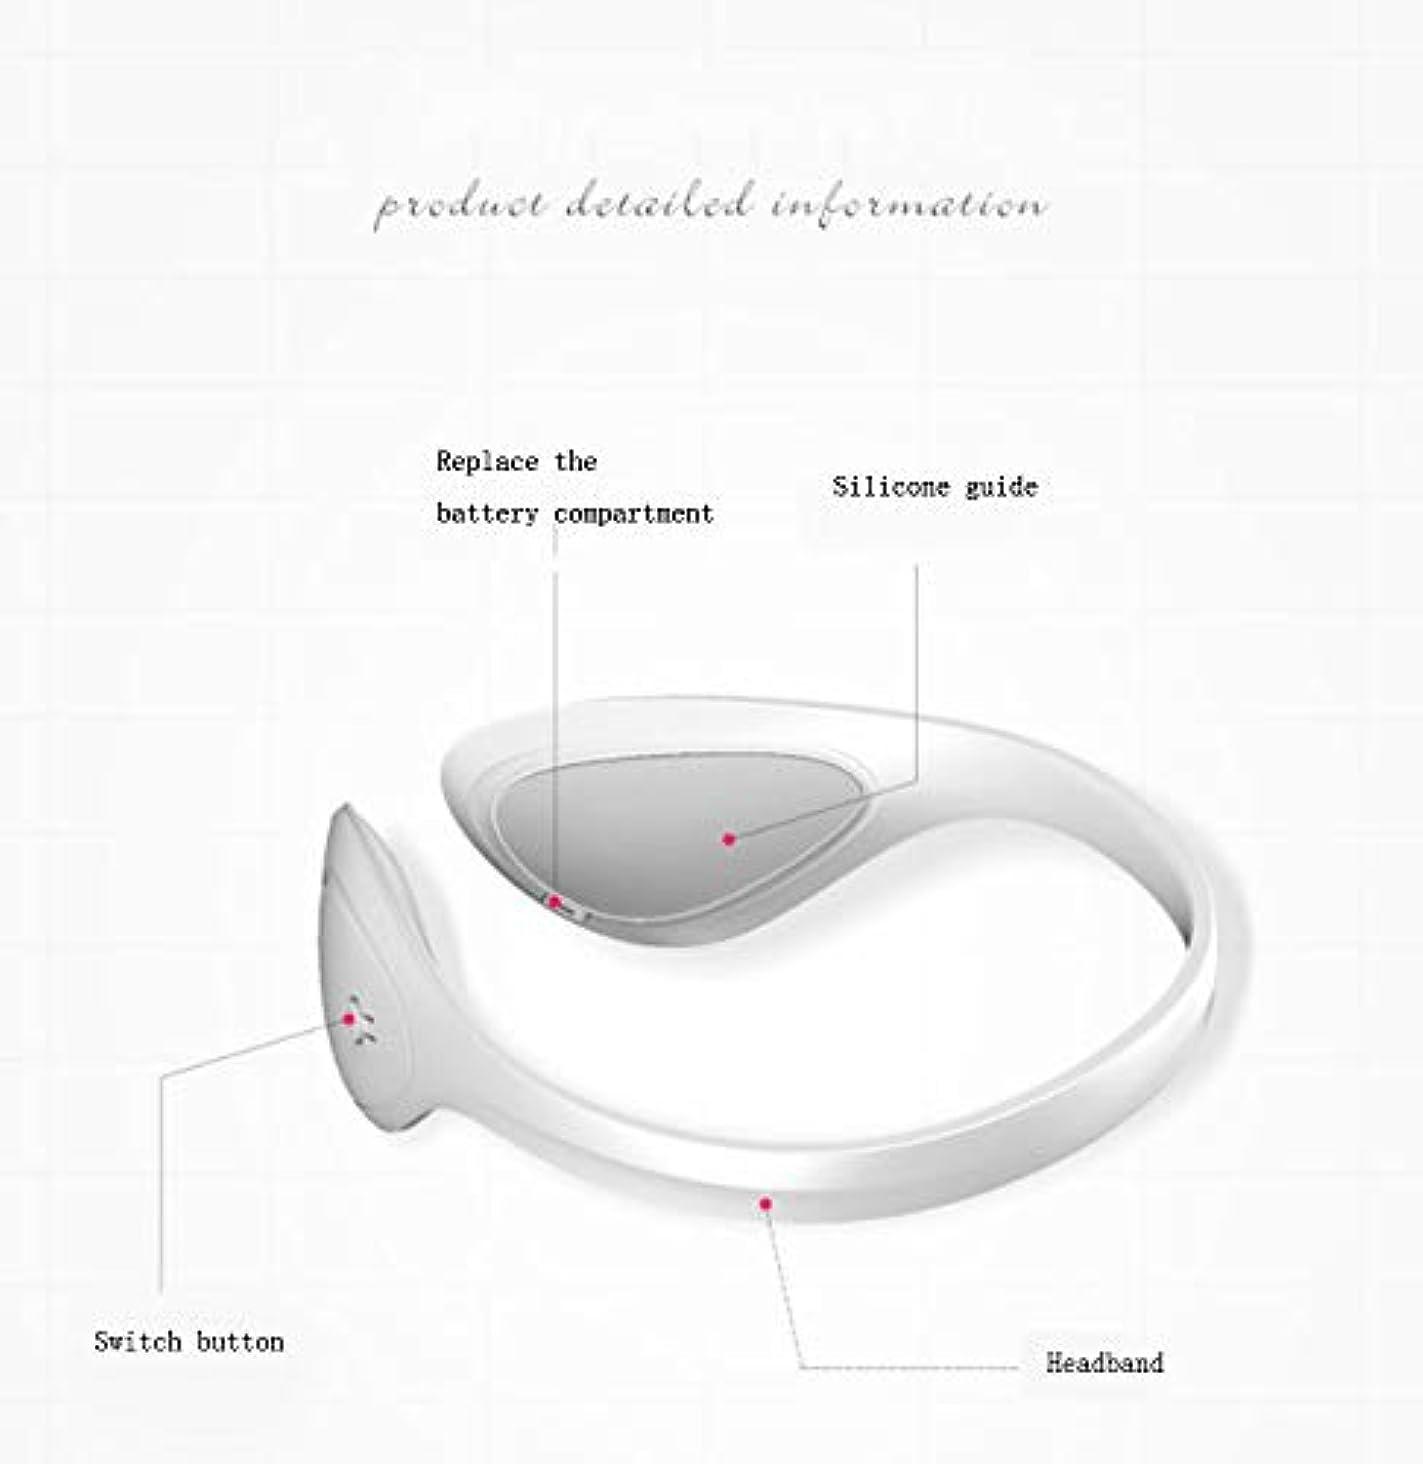 モニカ盆地解釈するLquide Sonic Beauty Instrument Face Lift Artifact V Face Bandage Mandible Mass Bone Masseter Correction Face Silicone...